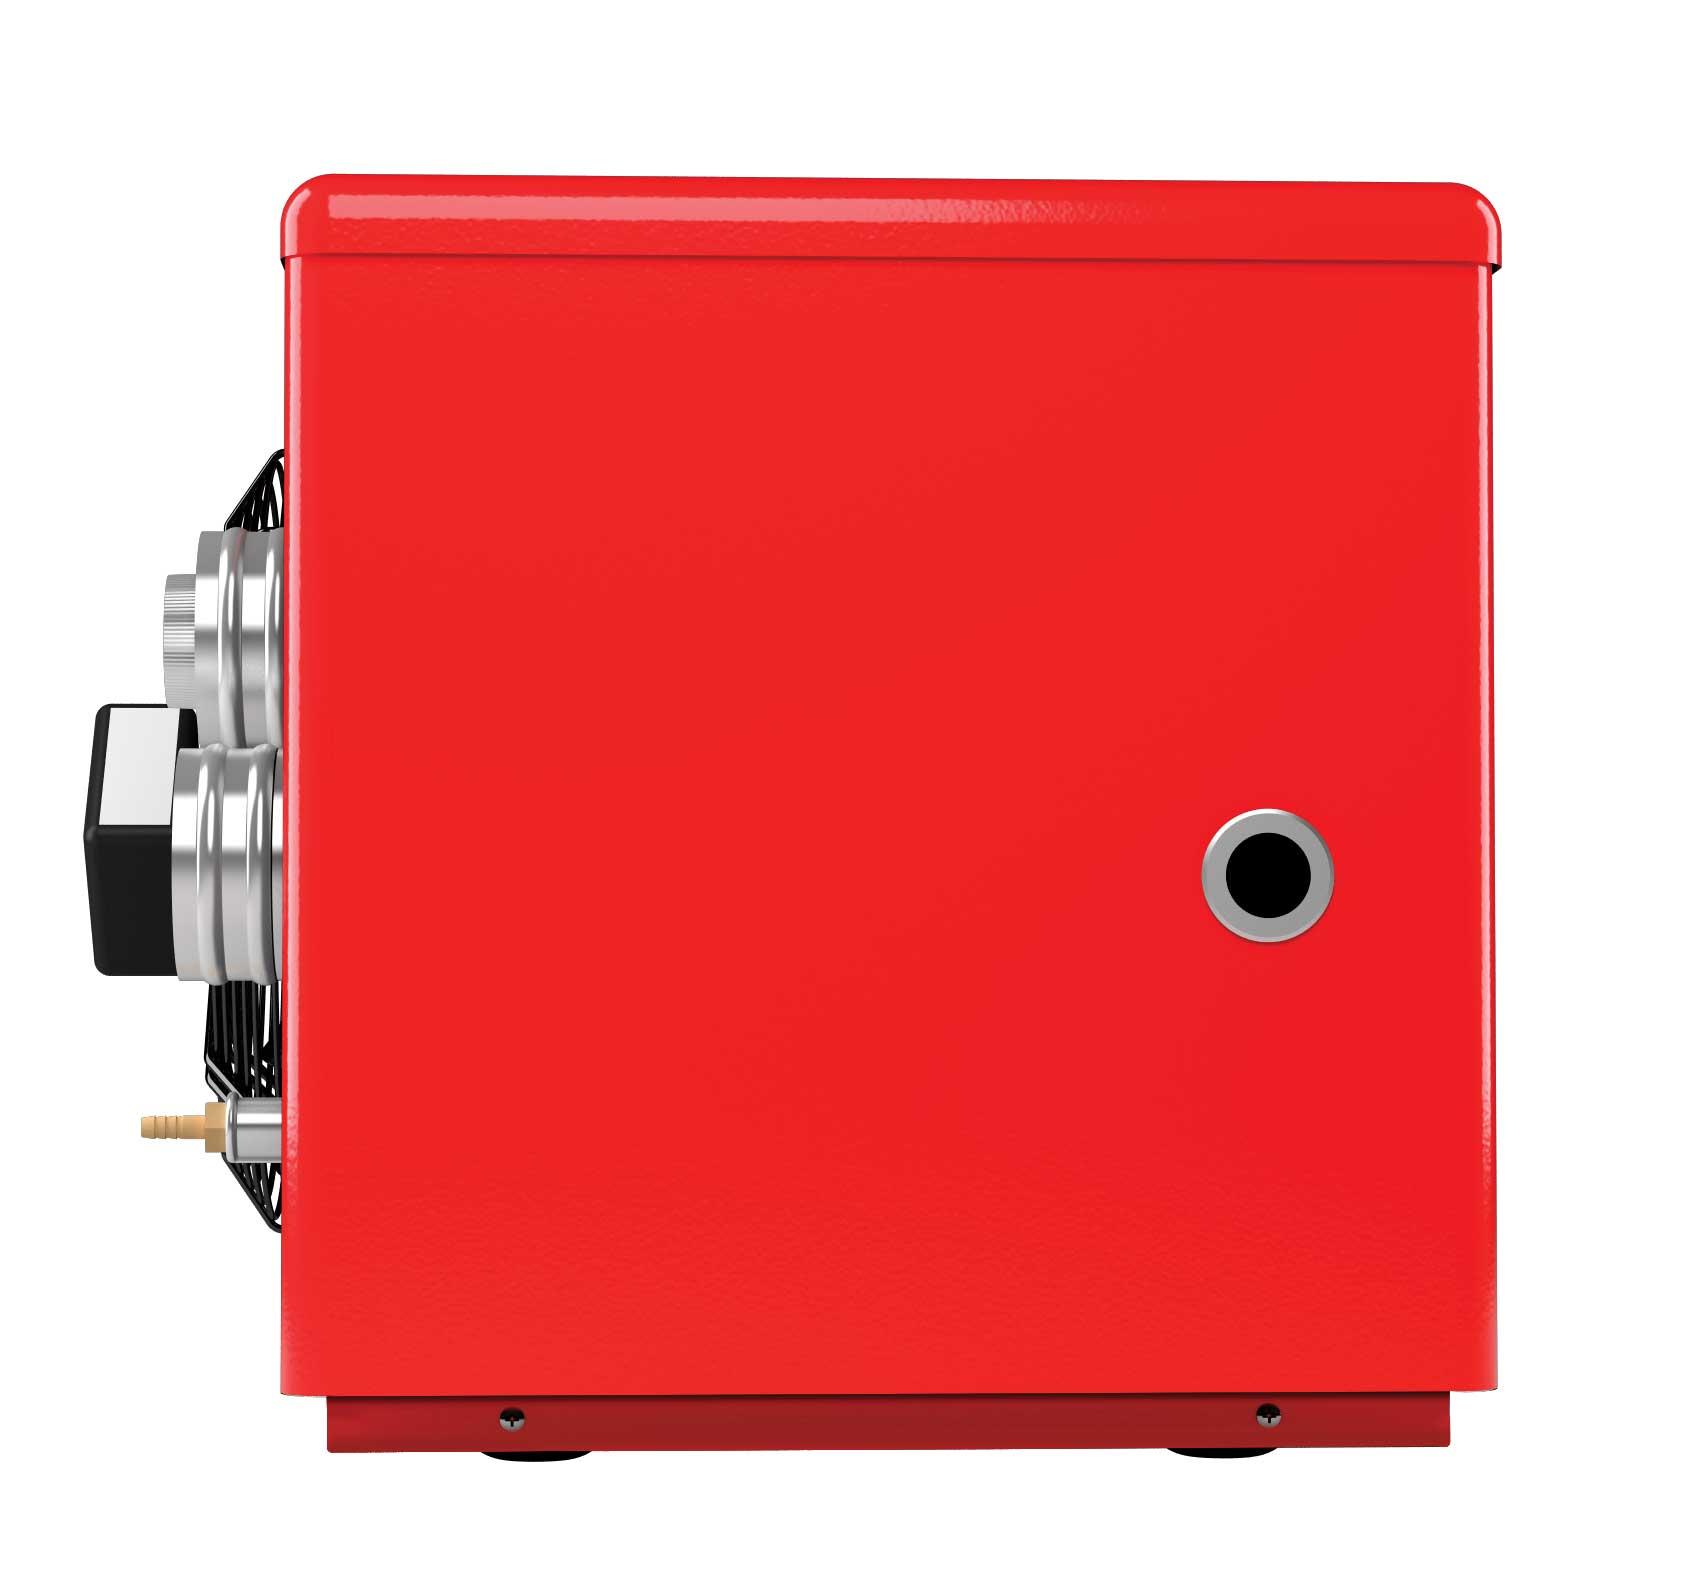 Dmuchawa gazowa z wyrzutem spalin o mocy 18 do ogrzewania warsztatów zasilana LPG i gazem ziemnym